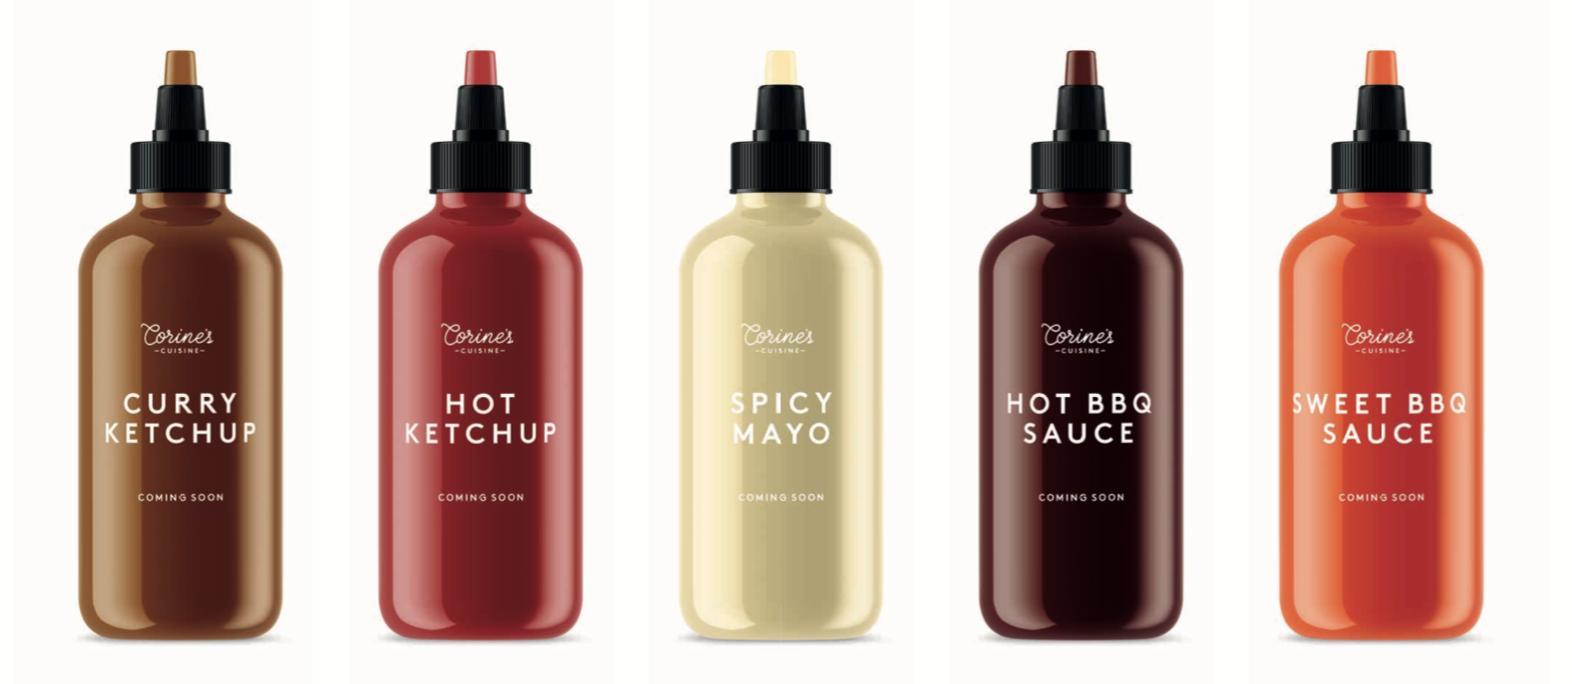 Ketchups, Mayo, and BBQ Sauces -